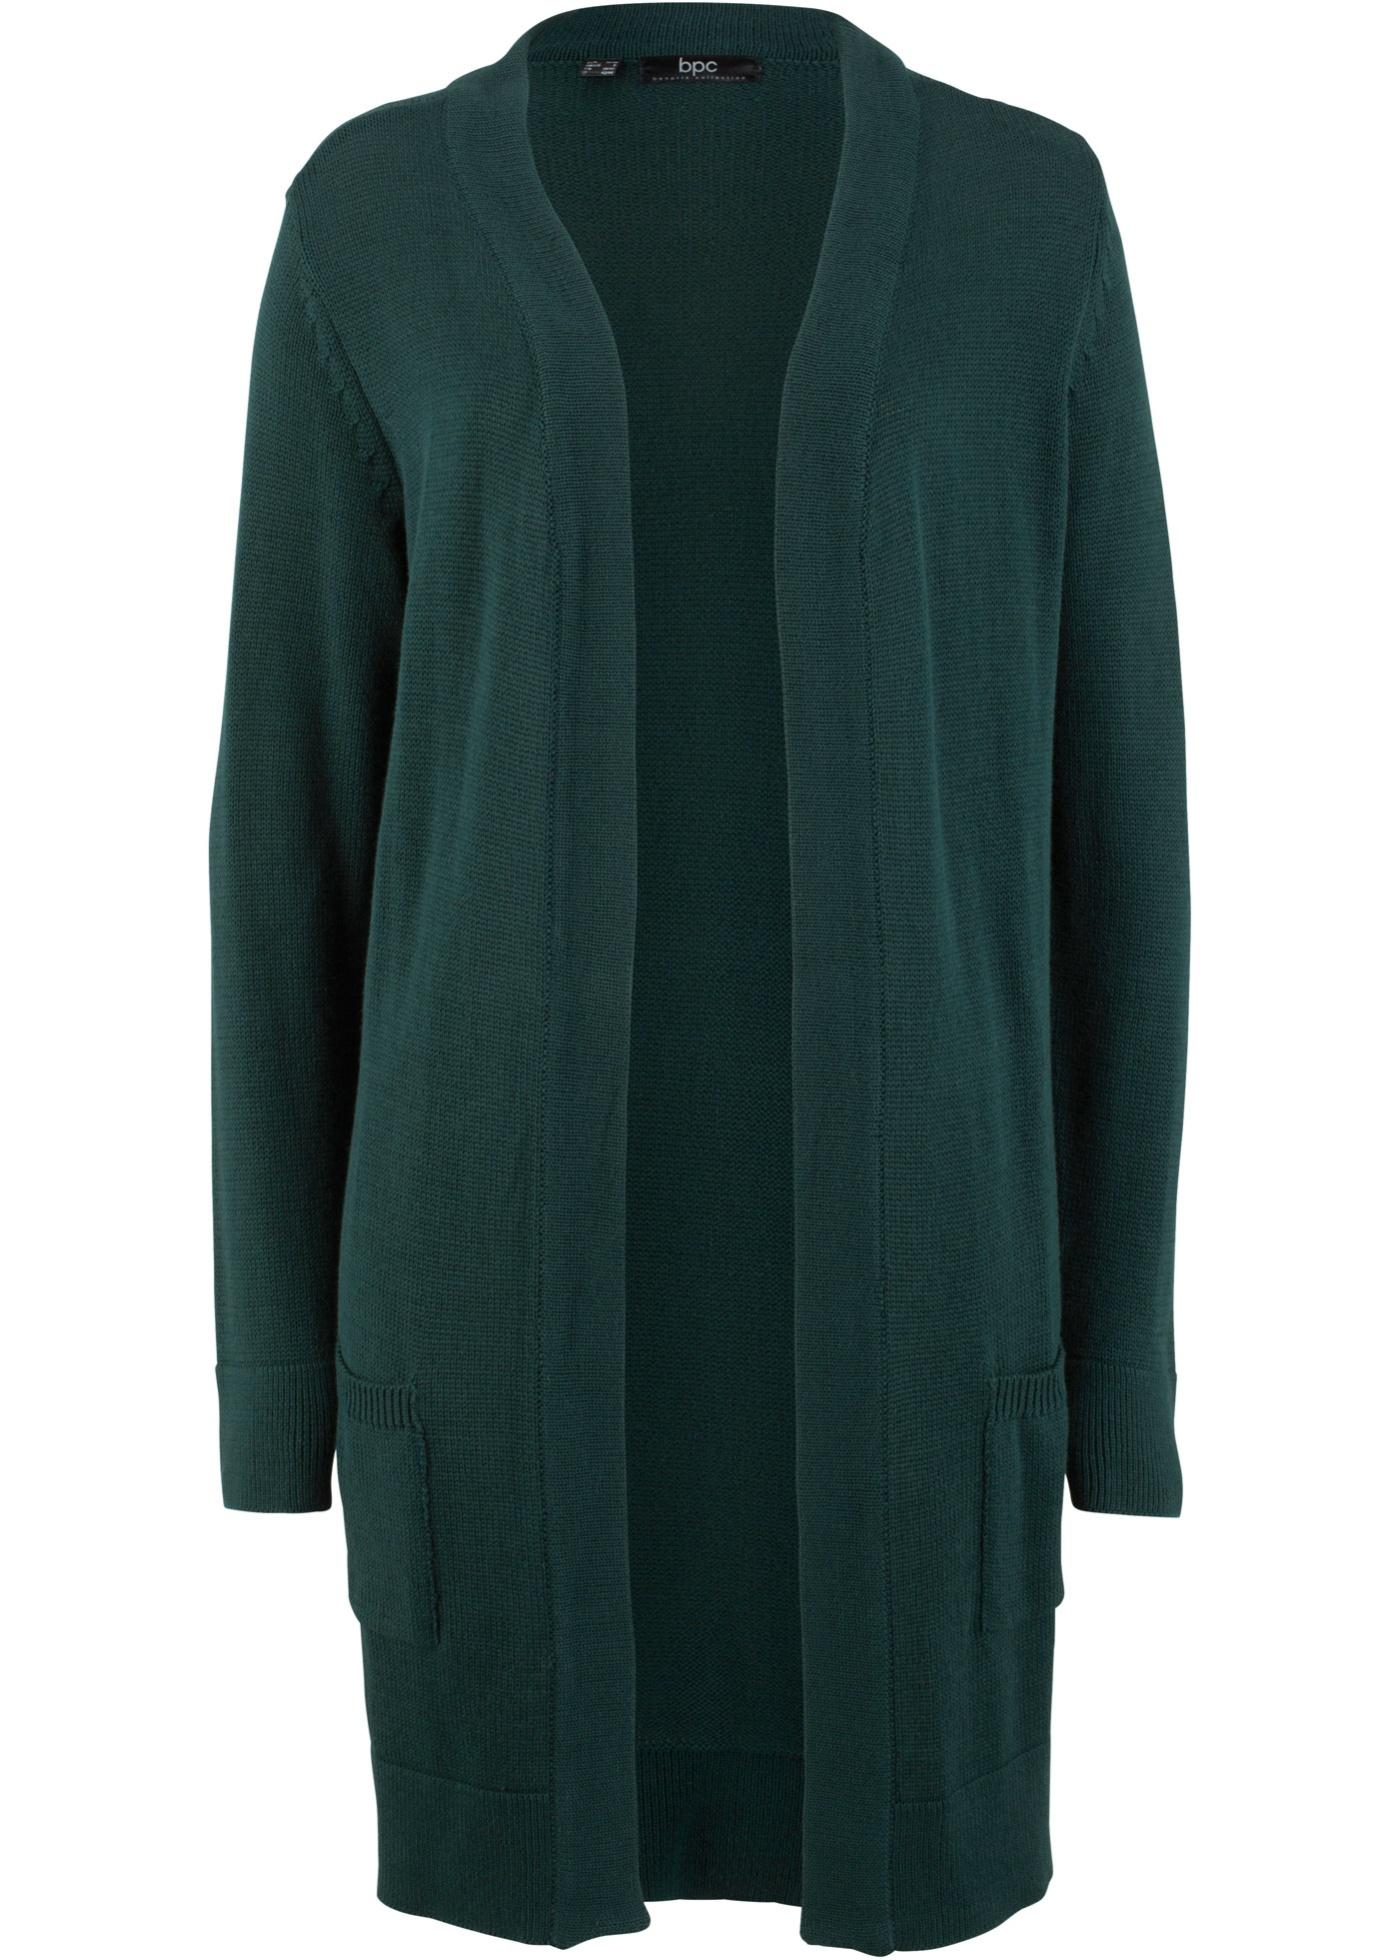 Dlouhý pletený kabátek, dlouhý rukáv - Zelená